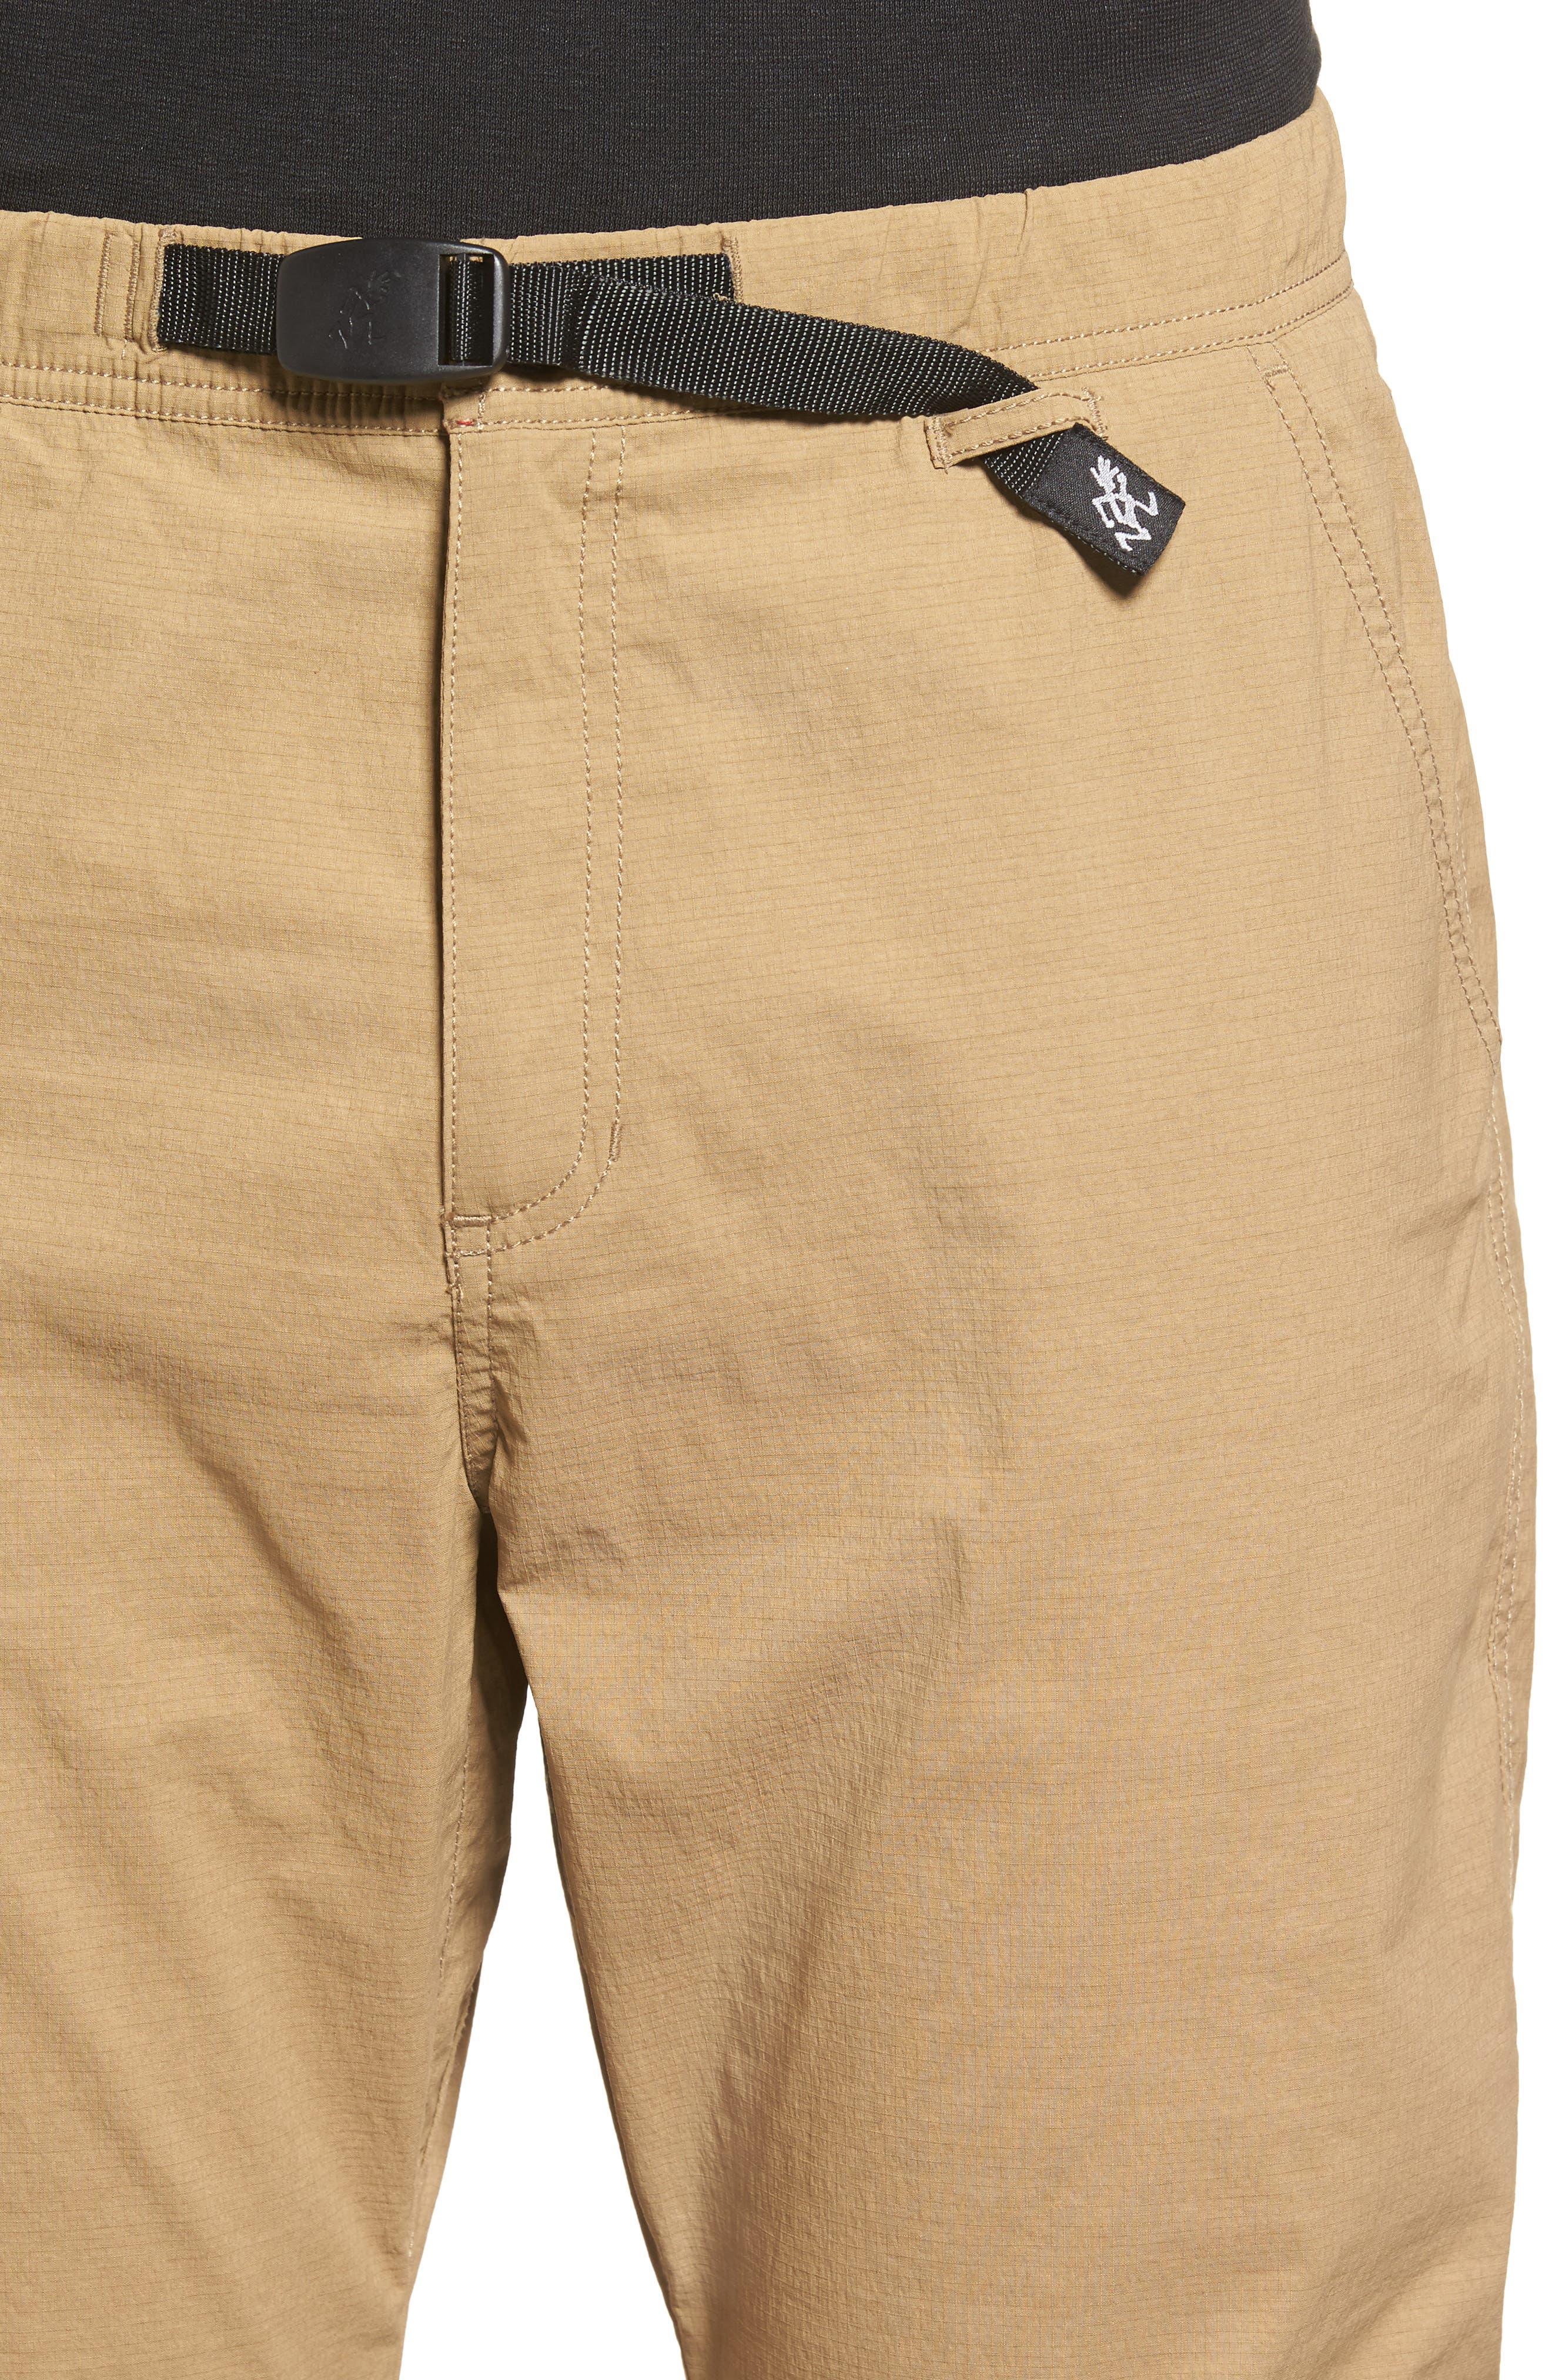 Rough & Tumble Climber G Pants,                             Alternate thumbnail 4, color,                             Sahara Tan